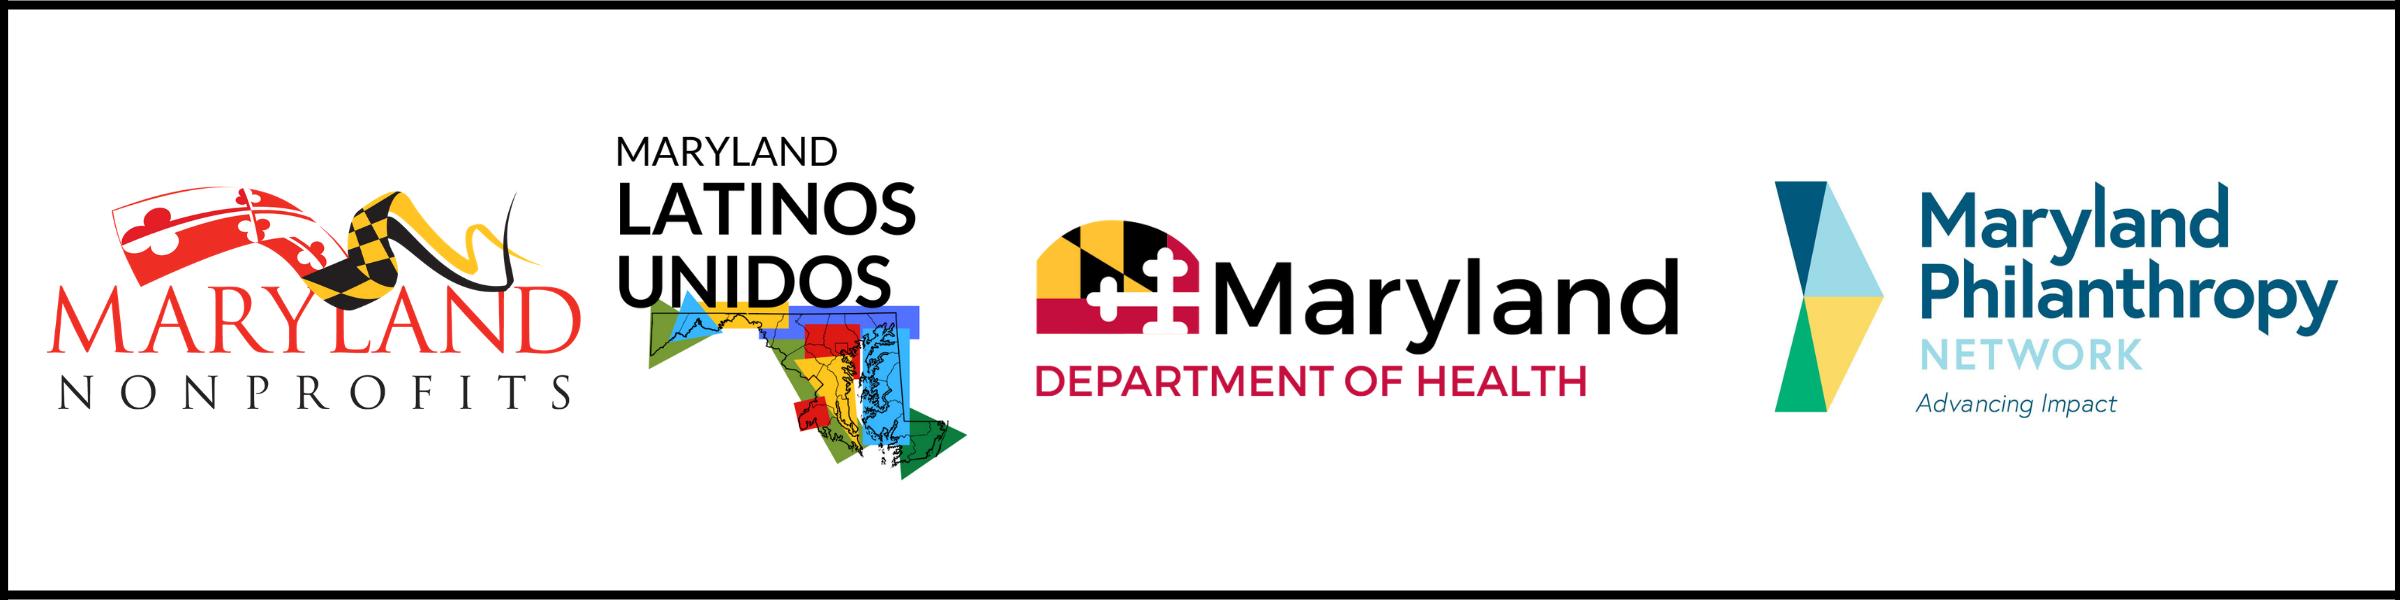 Maryland Nonprofits, Maryland Latinos Unidos, Maryland Department of Health, Maryland Philanthropy Network